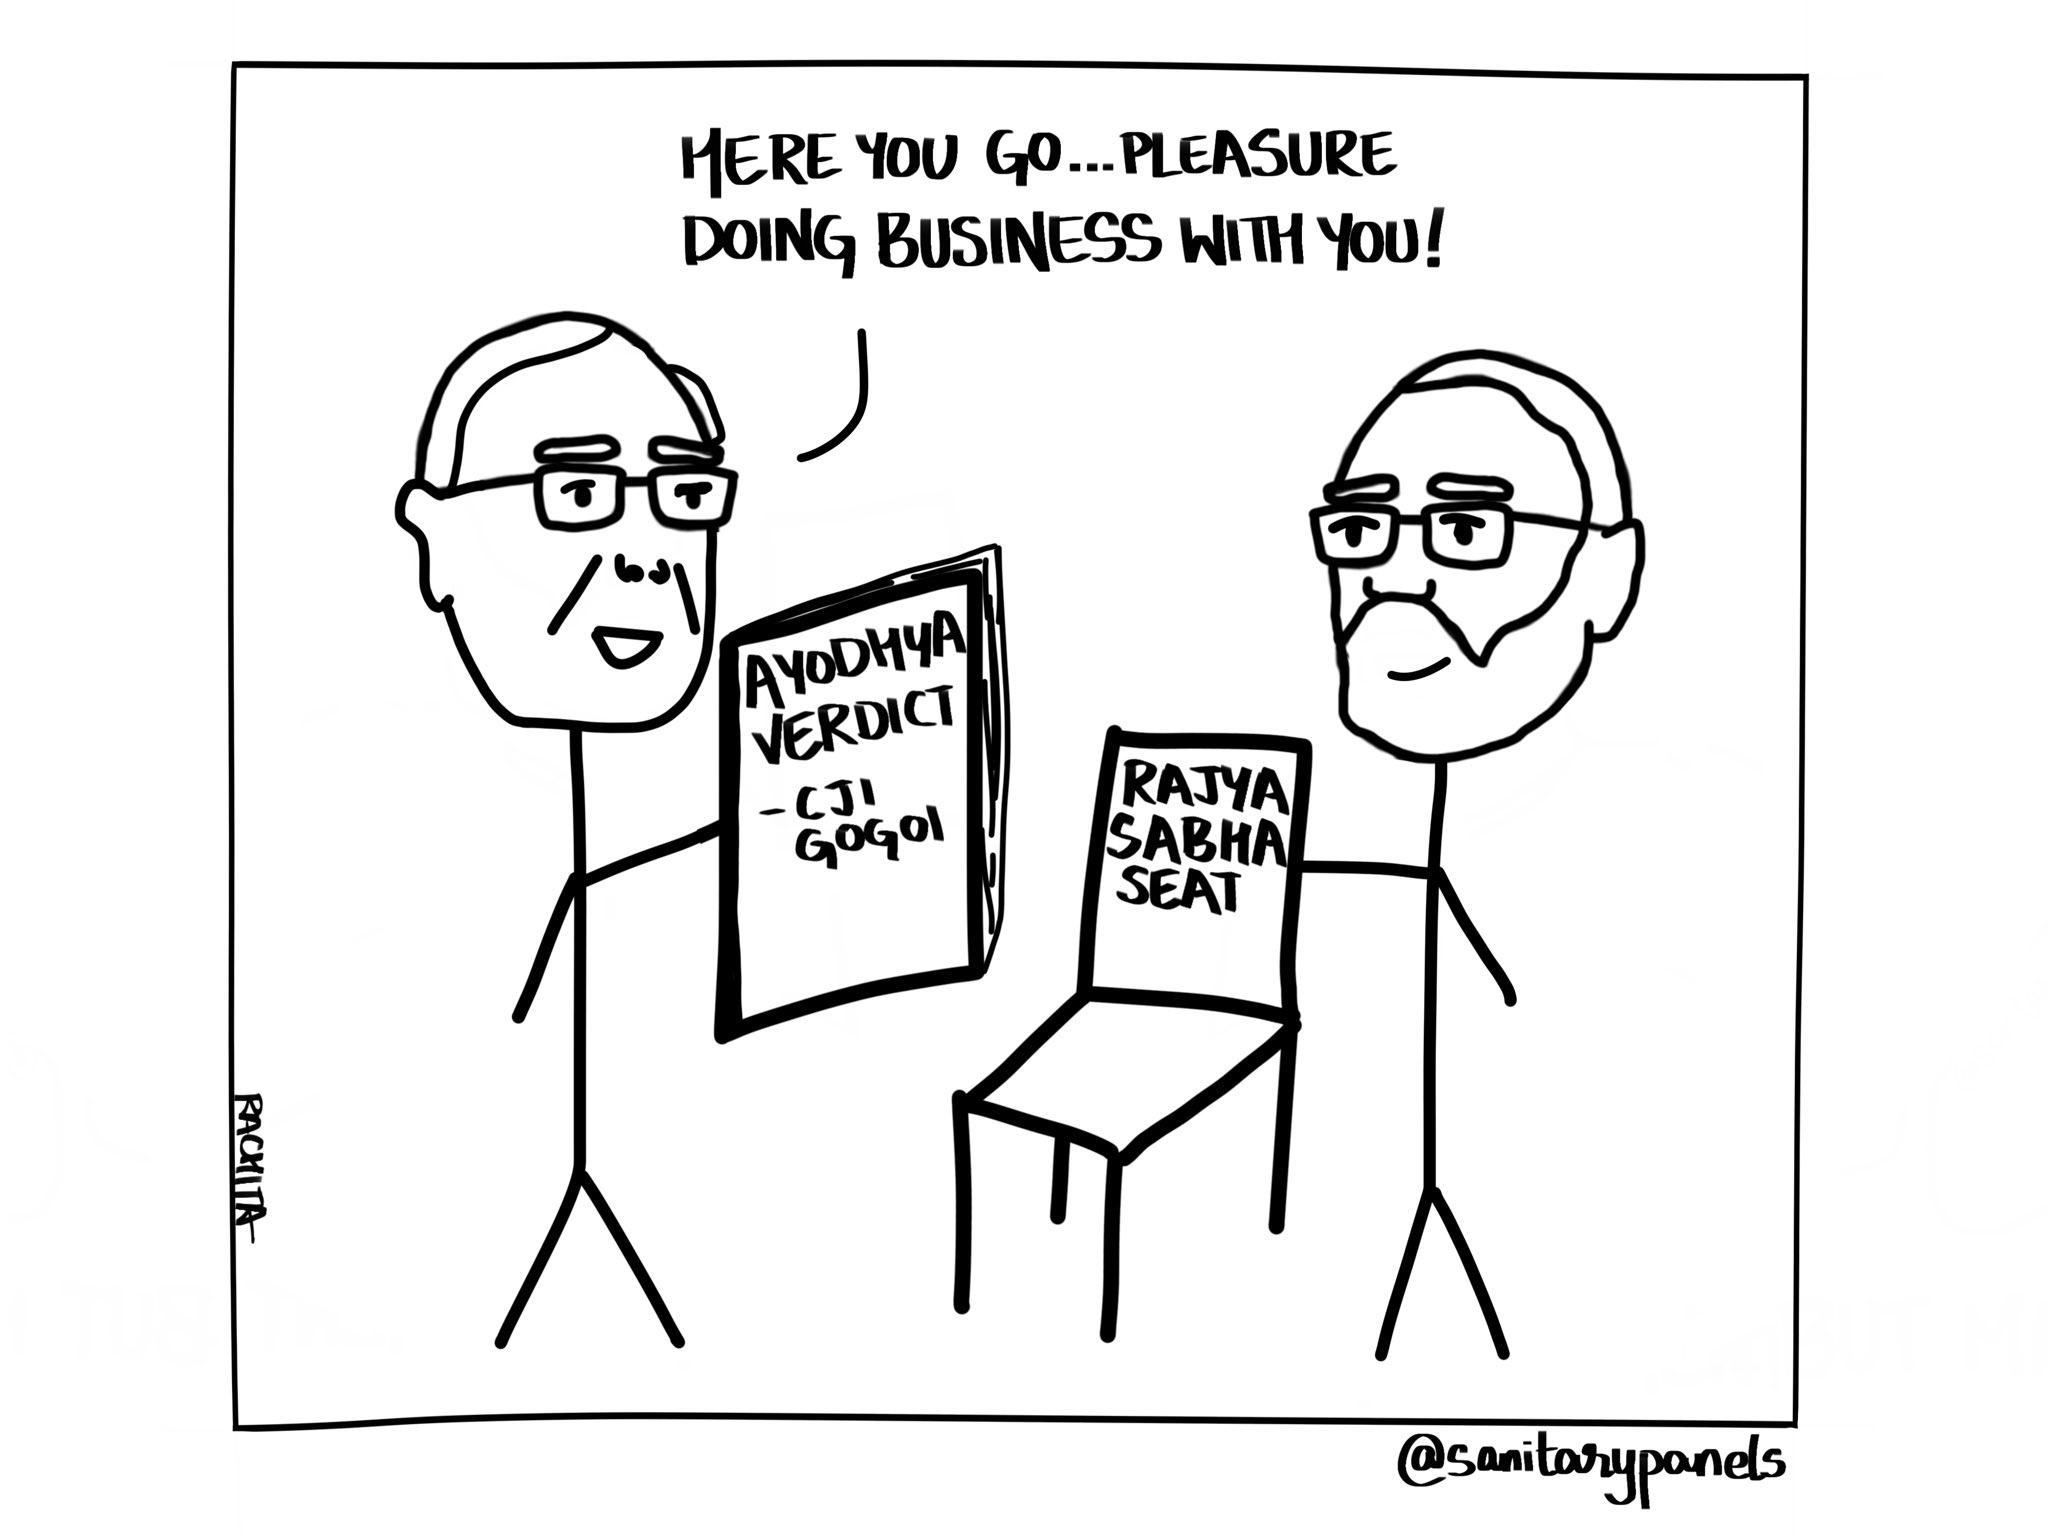 Et voici… Un plaisir de faire affaire avec vous ! Verdict d'Ayodhya Siège de Rajya Sabha